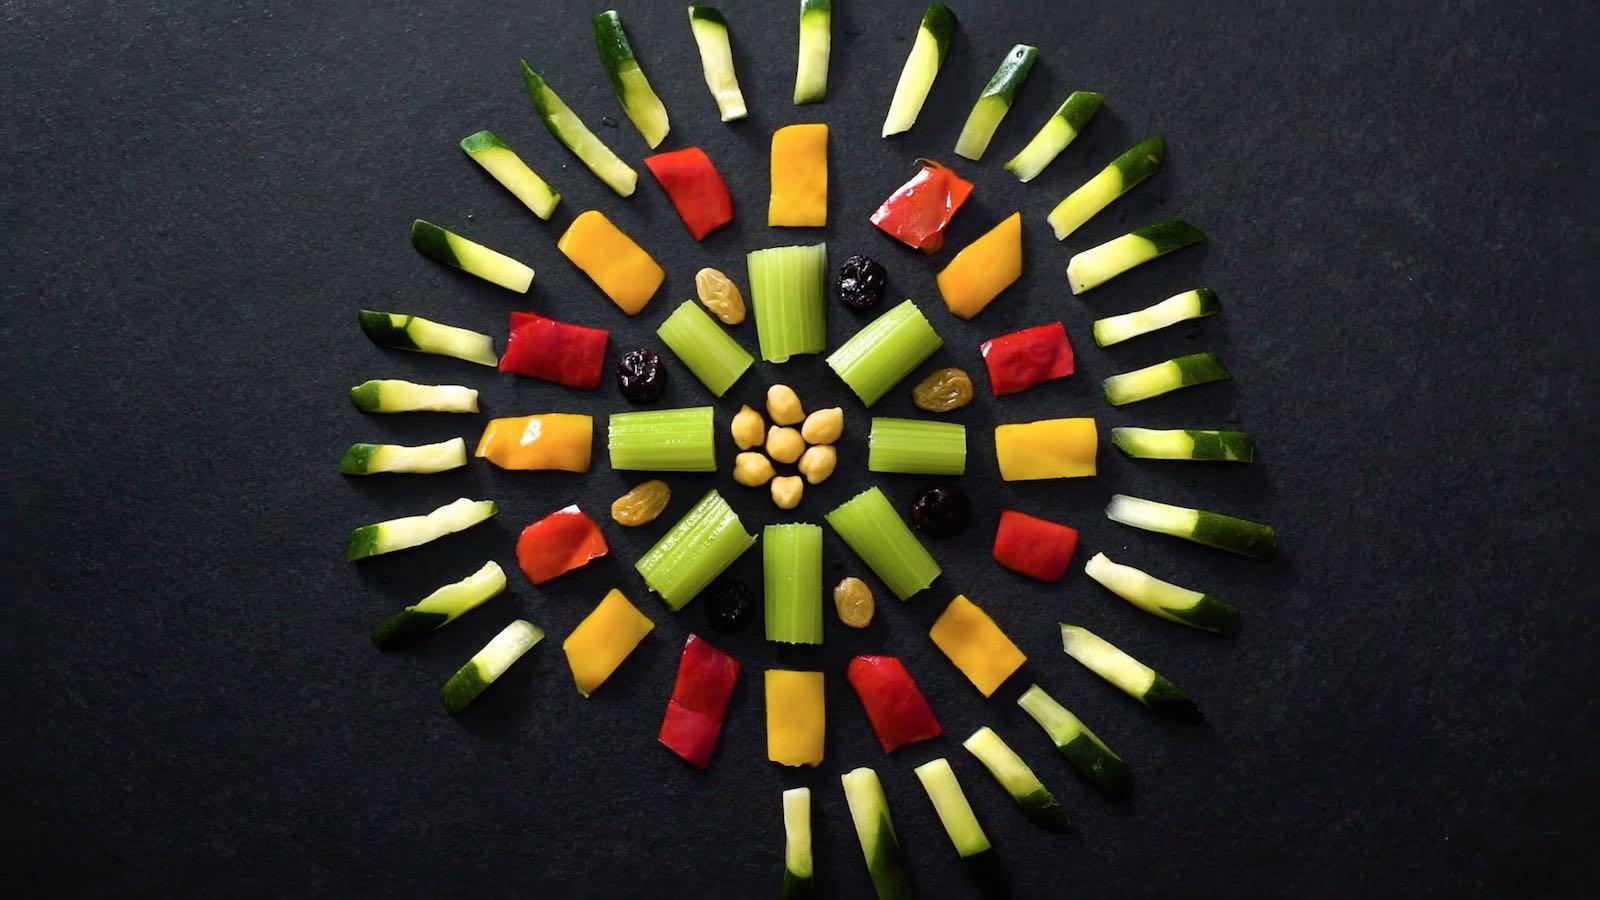 Brioche Dorée Notchup territoire de communication PLV packaging publicité vidéo recette tarte à craquer légumes